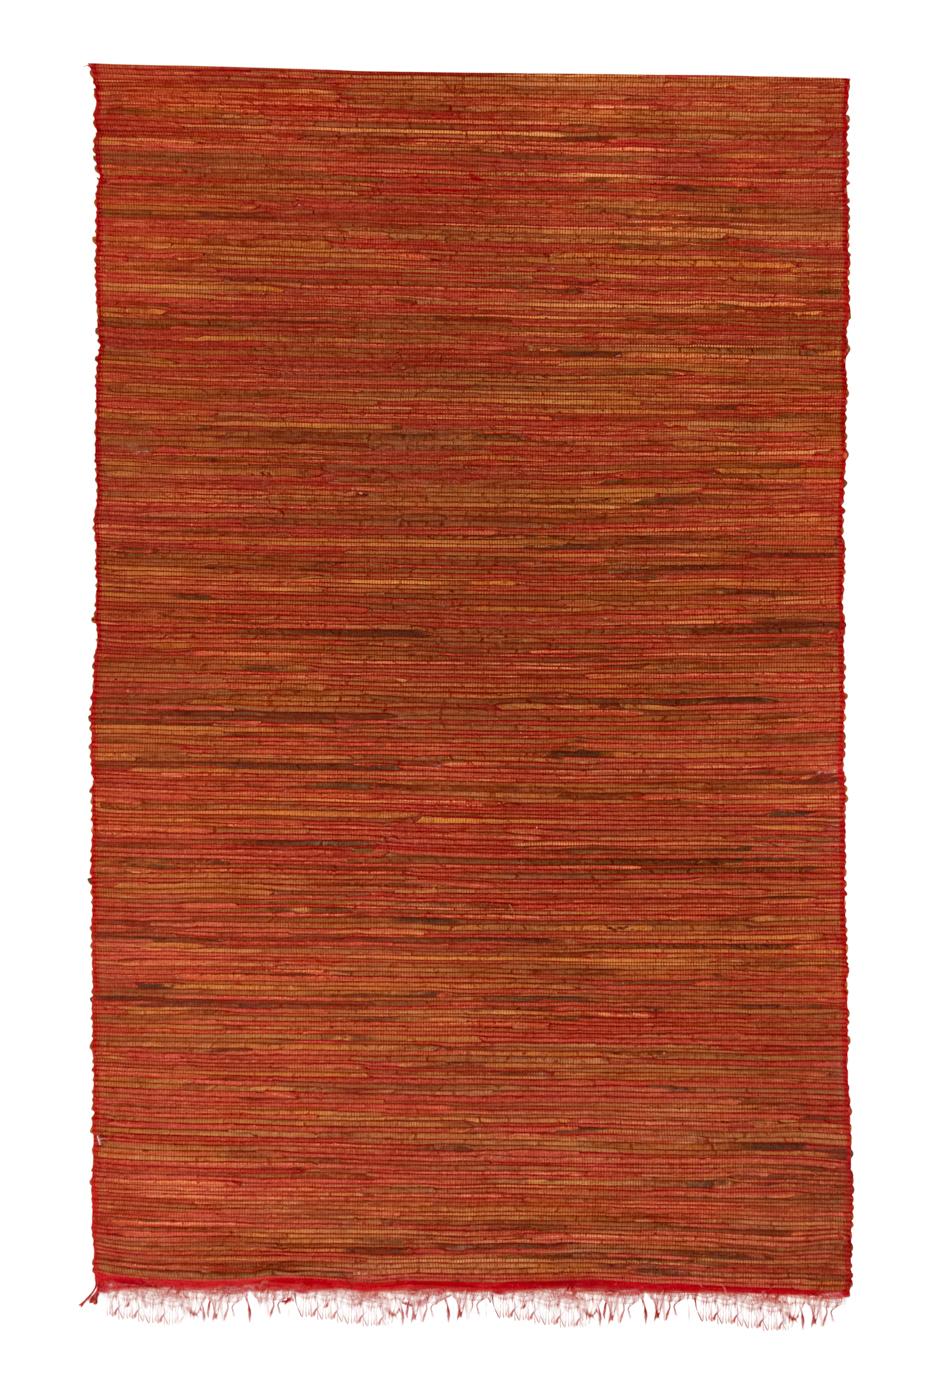 Terracotta bamboo mat